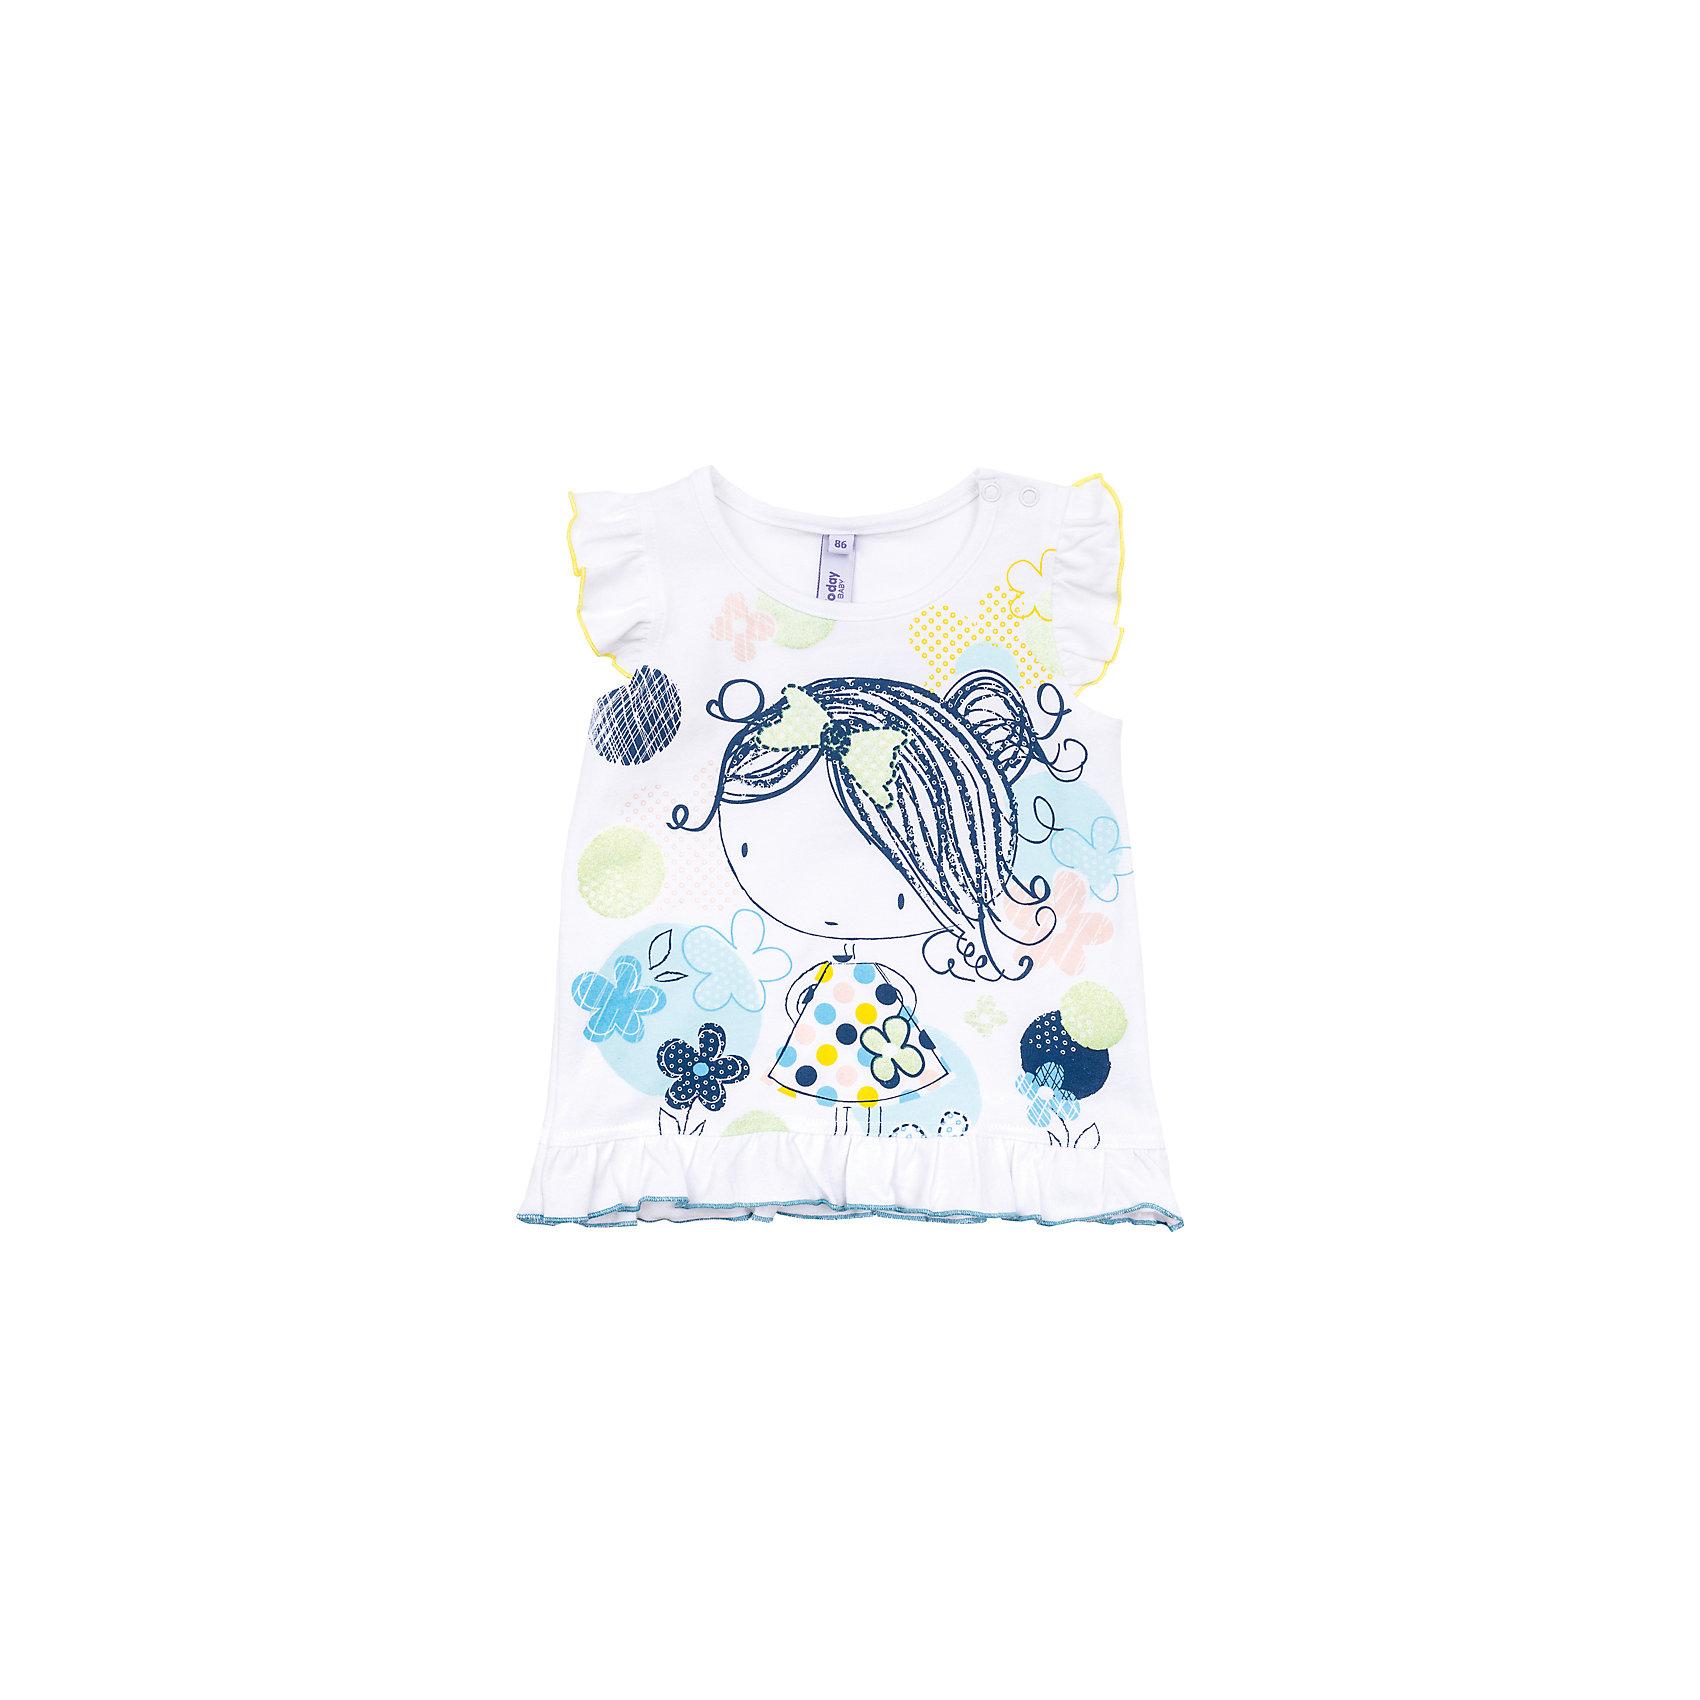 Топ для девочки PlayTodayТоп для девочки PlayToday<br>Топ из натуральной ткани с ярким сочным принтом будет прекрасным дополнением летнего детского гардероба. Пройма рукавов декорирована мягкими складками, которые дают эффект крылышек.<br>Состав:<br>95% хлопок, 5% эластан<br><br>Ширина мм: 199<br>Глубина мм: 10<br>Высота мм: 161<br>Вес г: 151<br>Цвет: разноцветный<br>Возраст от месяцев: 18<br>Возраст до месяцев: 24<br>Пол: Женский<br>Возраст: Детский<br>Размер: 92,74,80,86<br>SKU: 5408318